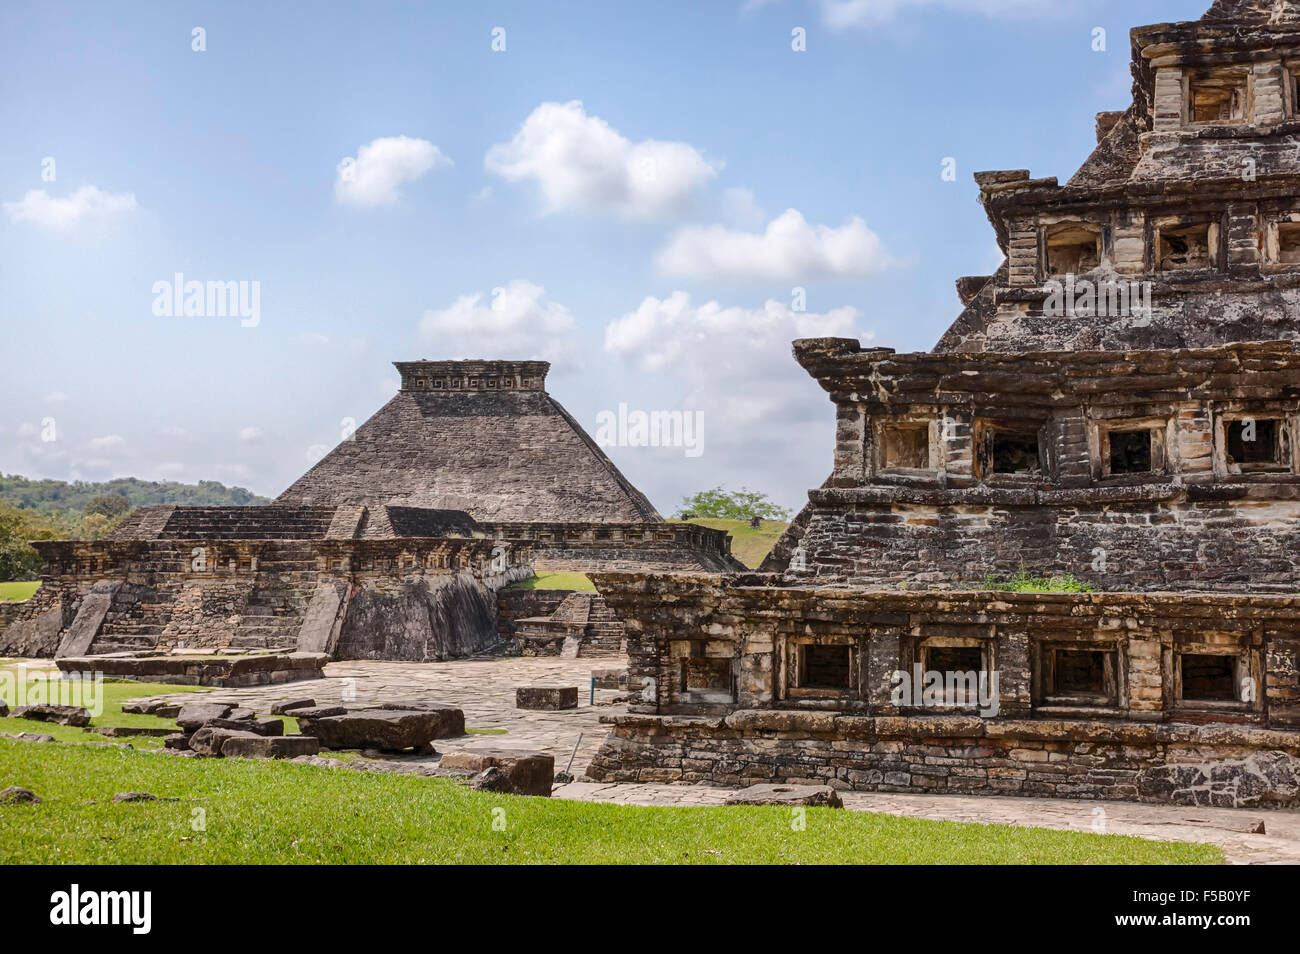 Edificio 5 a distanza e le nicchie piramide a tajin veracruz resti in Messico. Immagini Stock